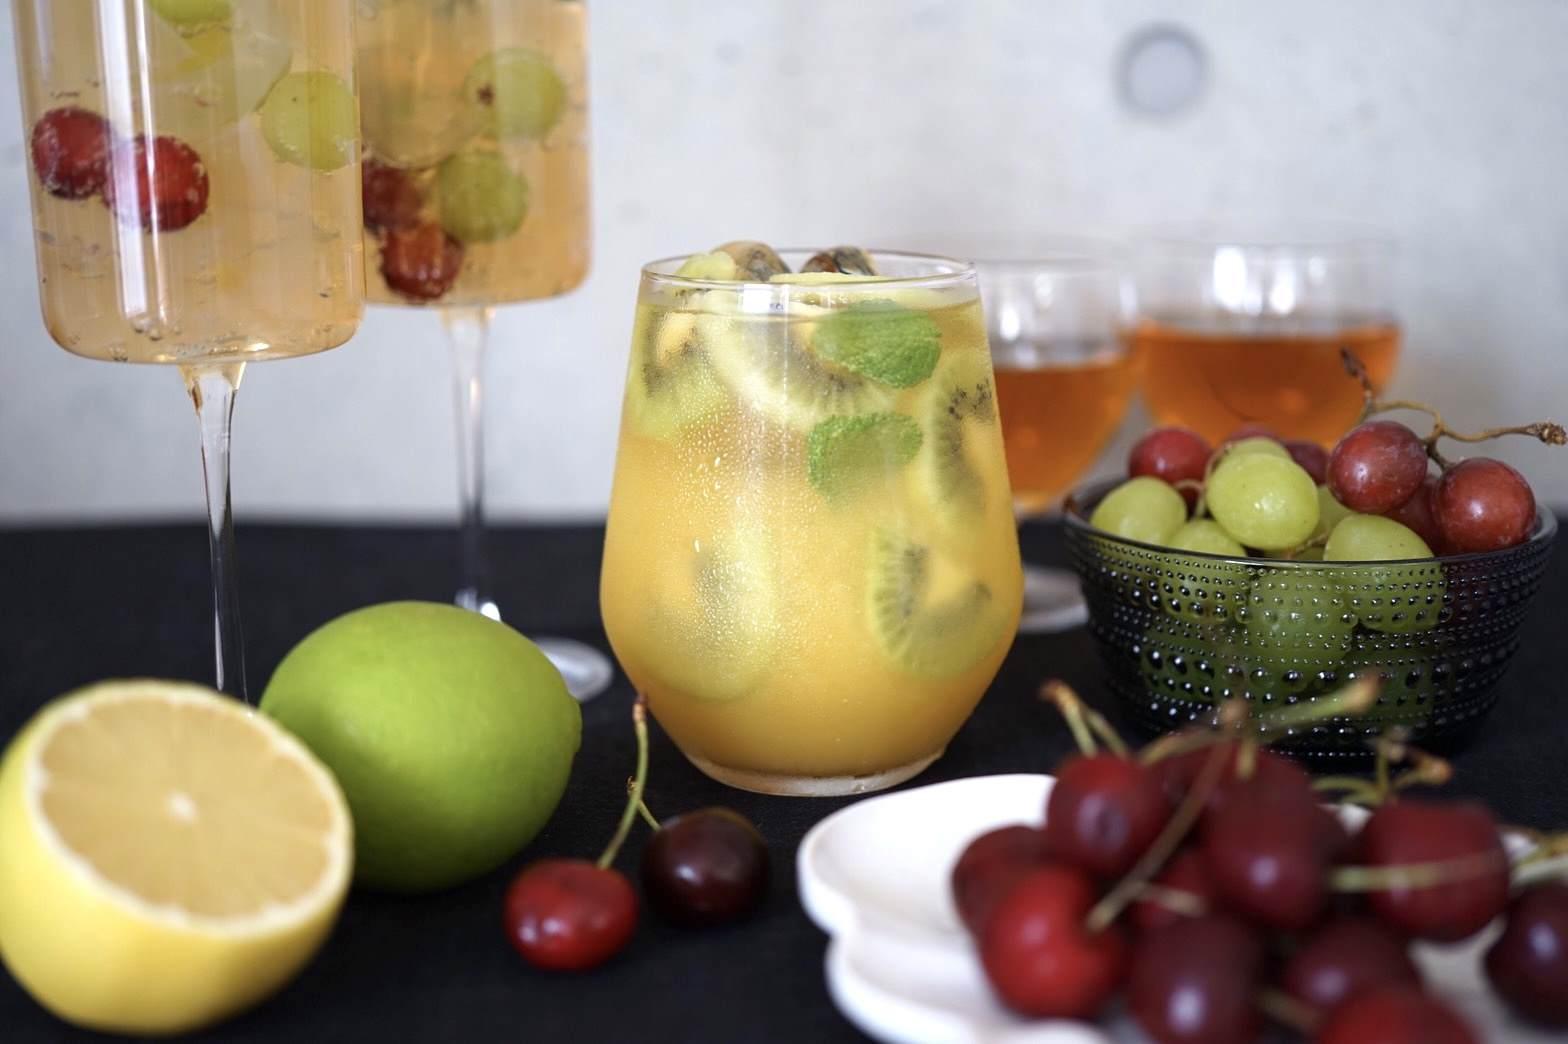 オレンジなつめティー、シリアルで和風パフェ、チェリーとヨーグルトのシェイク、コーディアルシロップのクラッシュゼリーソーダ